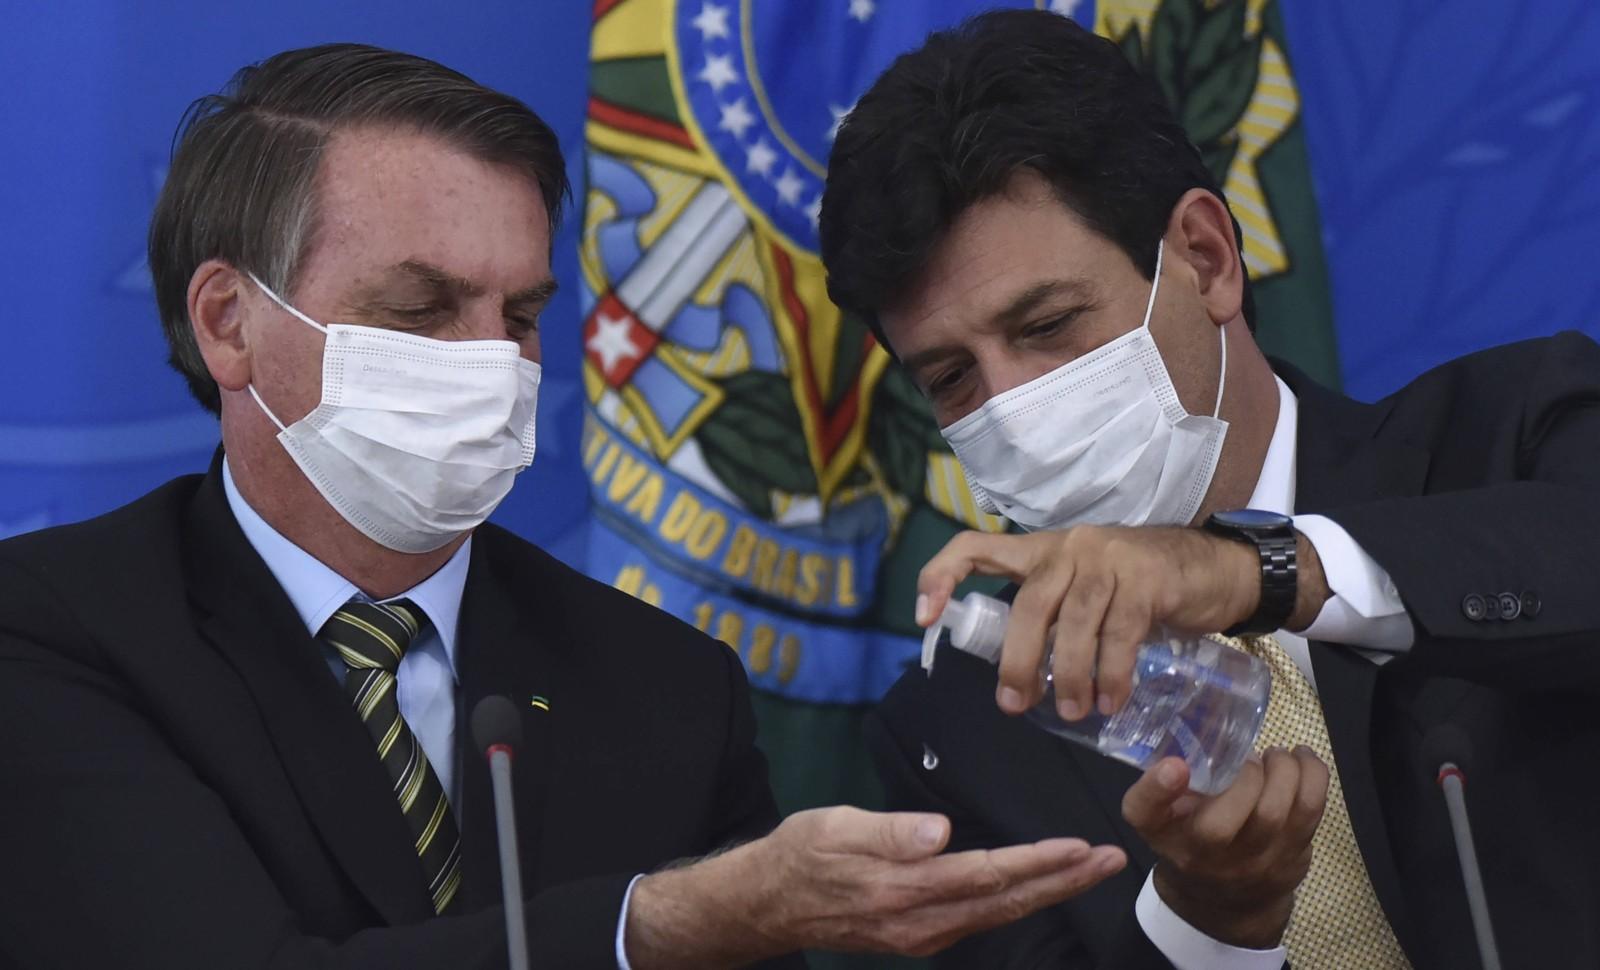 Jair Bolsonaro (gauche) et son ministre de la Santé, le 18 mars 2020 à Brasilia © Andre Borges/AP/SIPA Numéro de reportage: AP22439649_000008